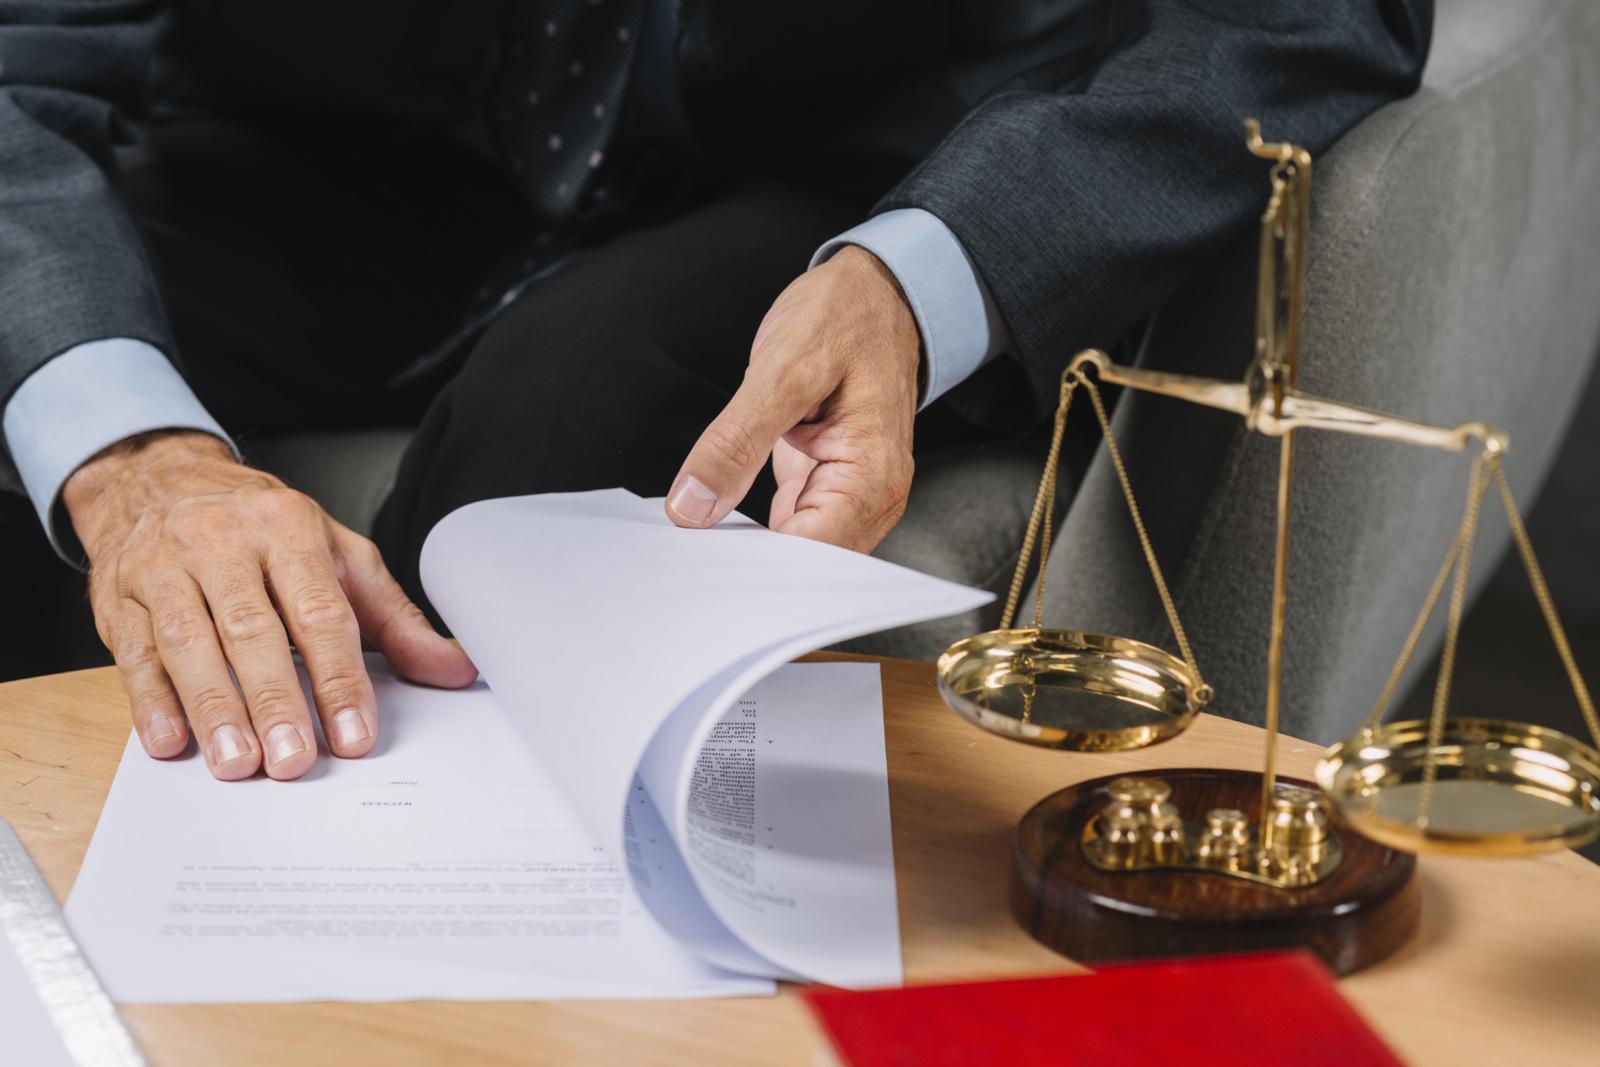 Moteris siekia atgauti 120 tūkst. eurų už žadėtą ir nesuteiktą teisinę pagalbą